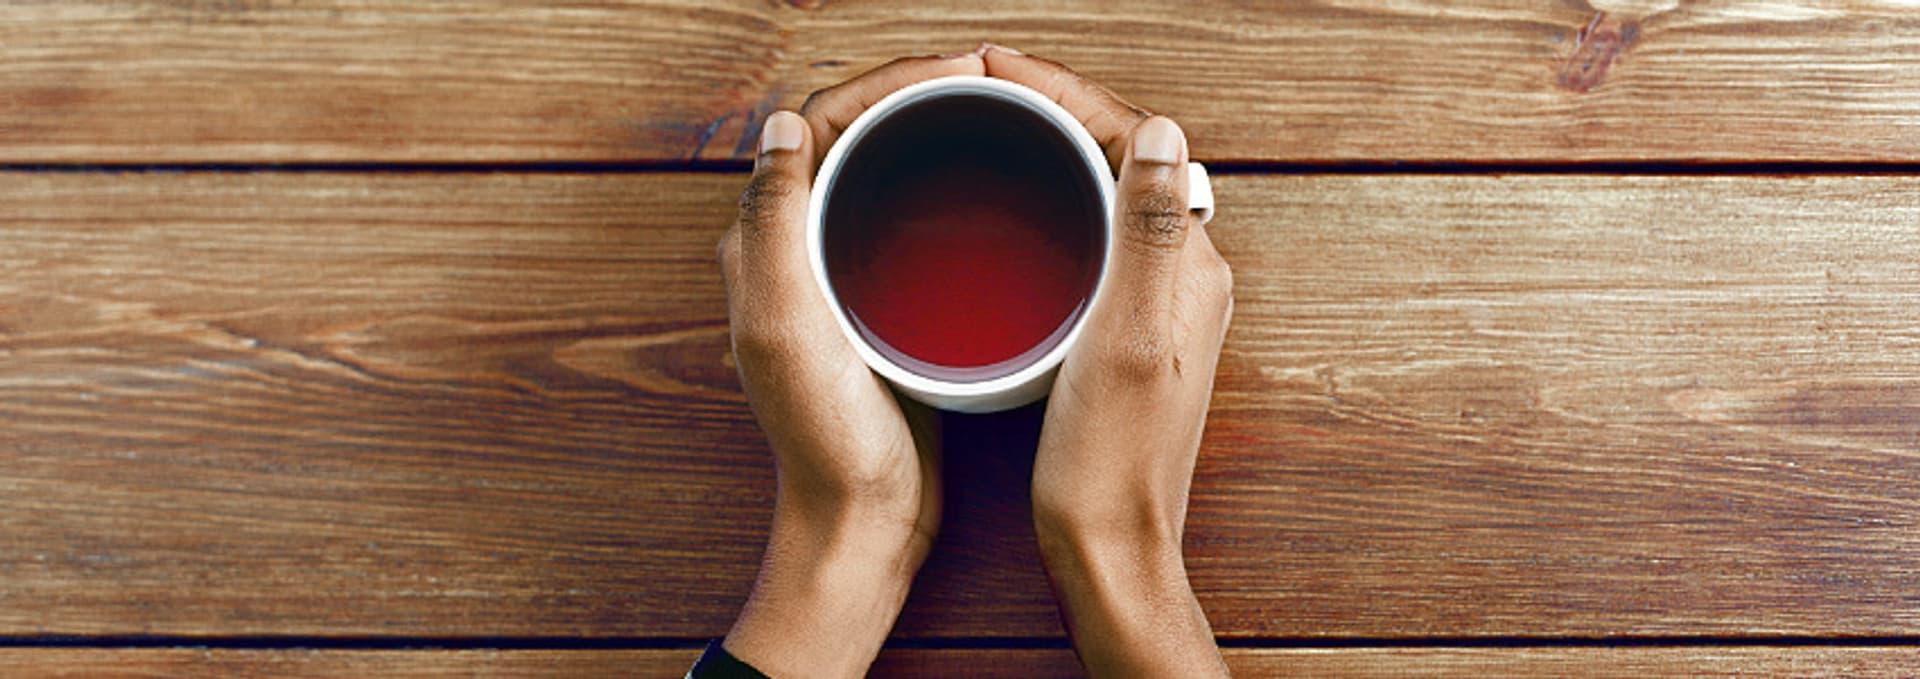 Hände umgreifen eine Tasse mit Tee